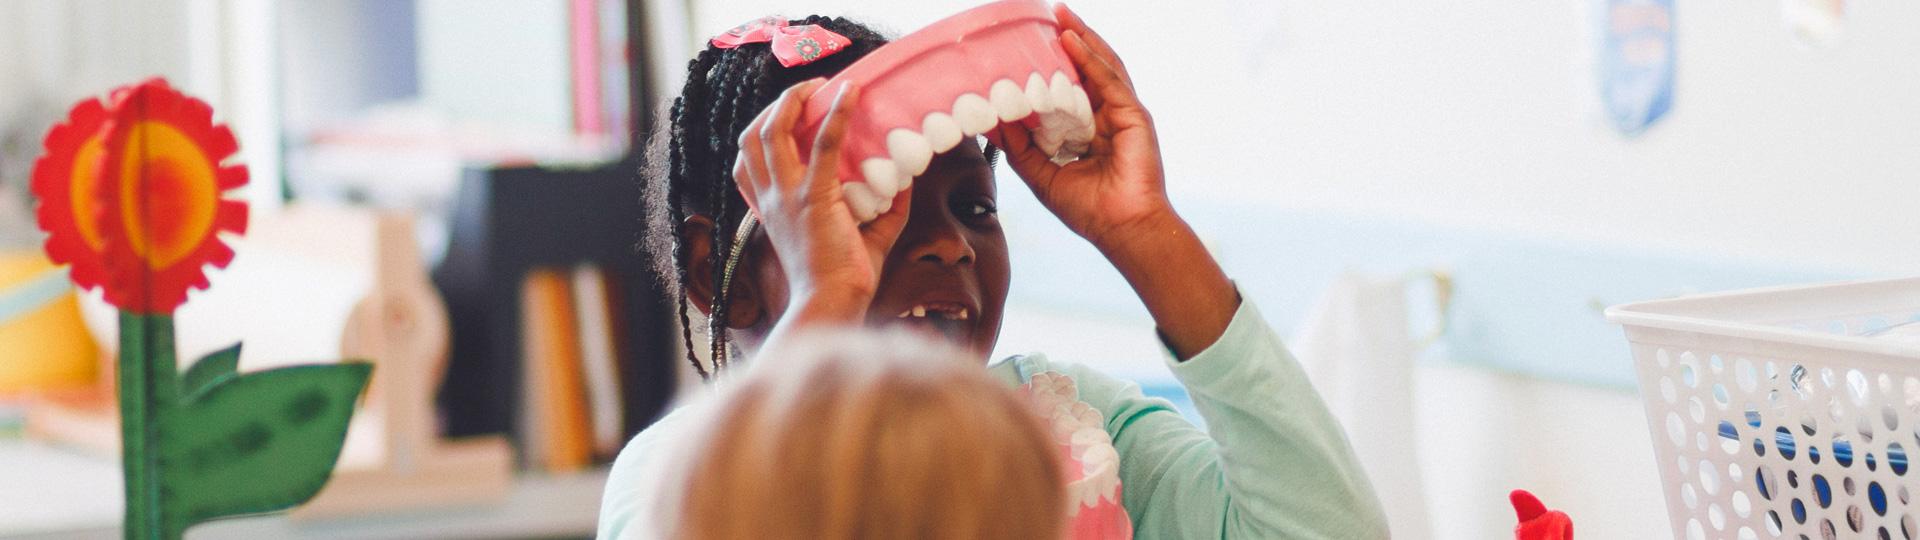 Girl wearing giant teeth for fun